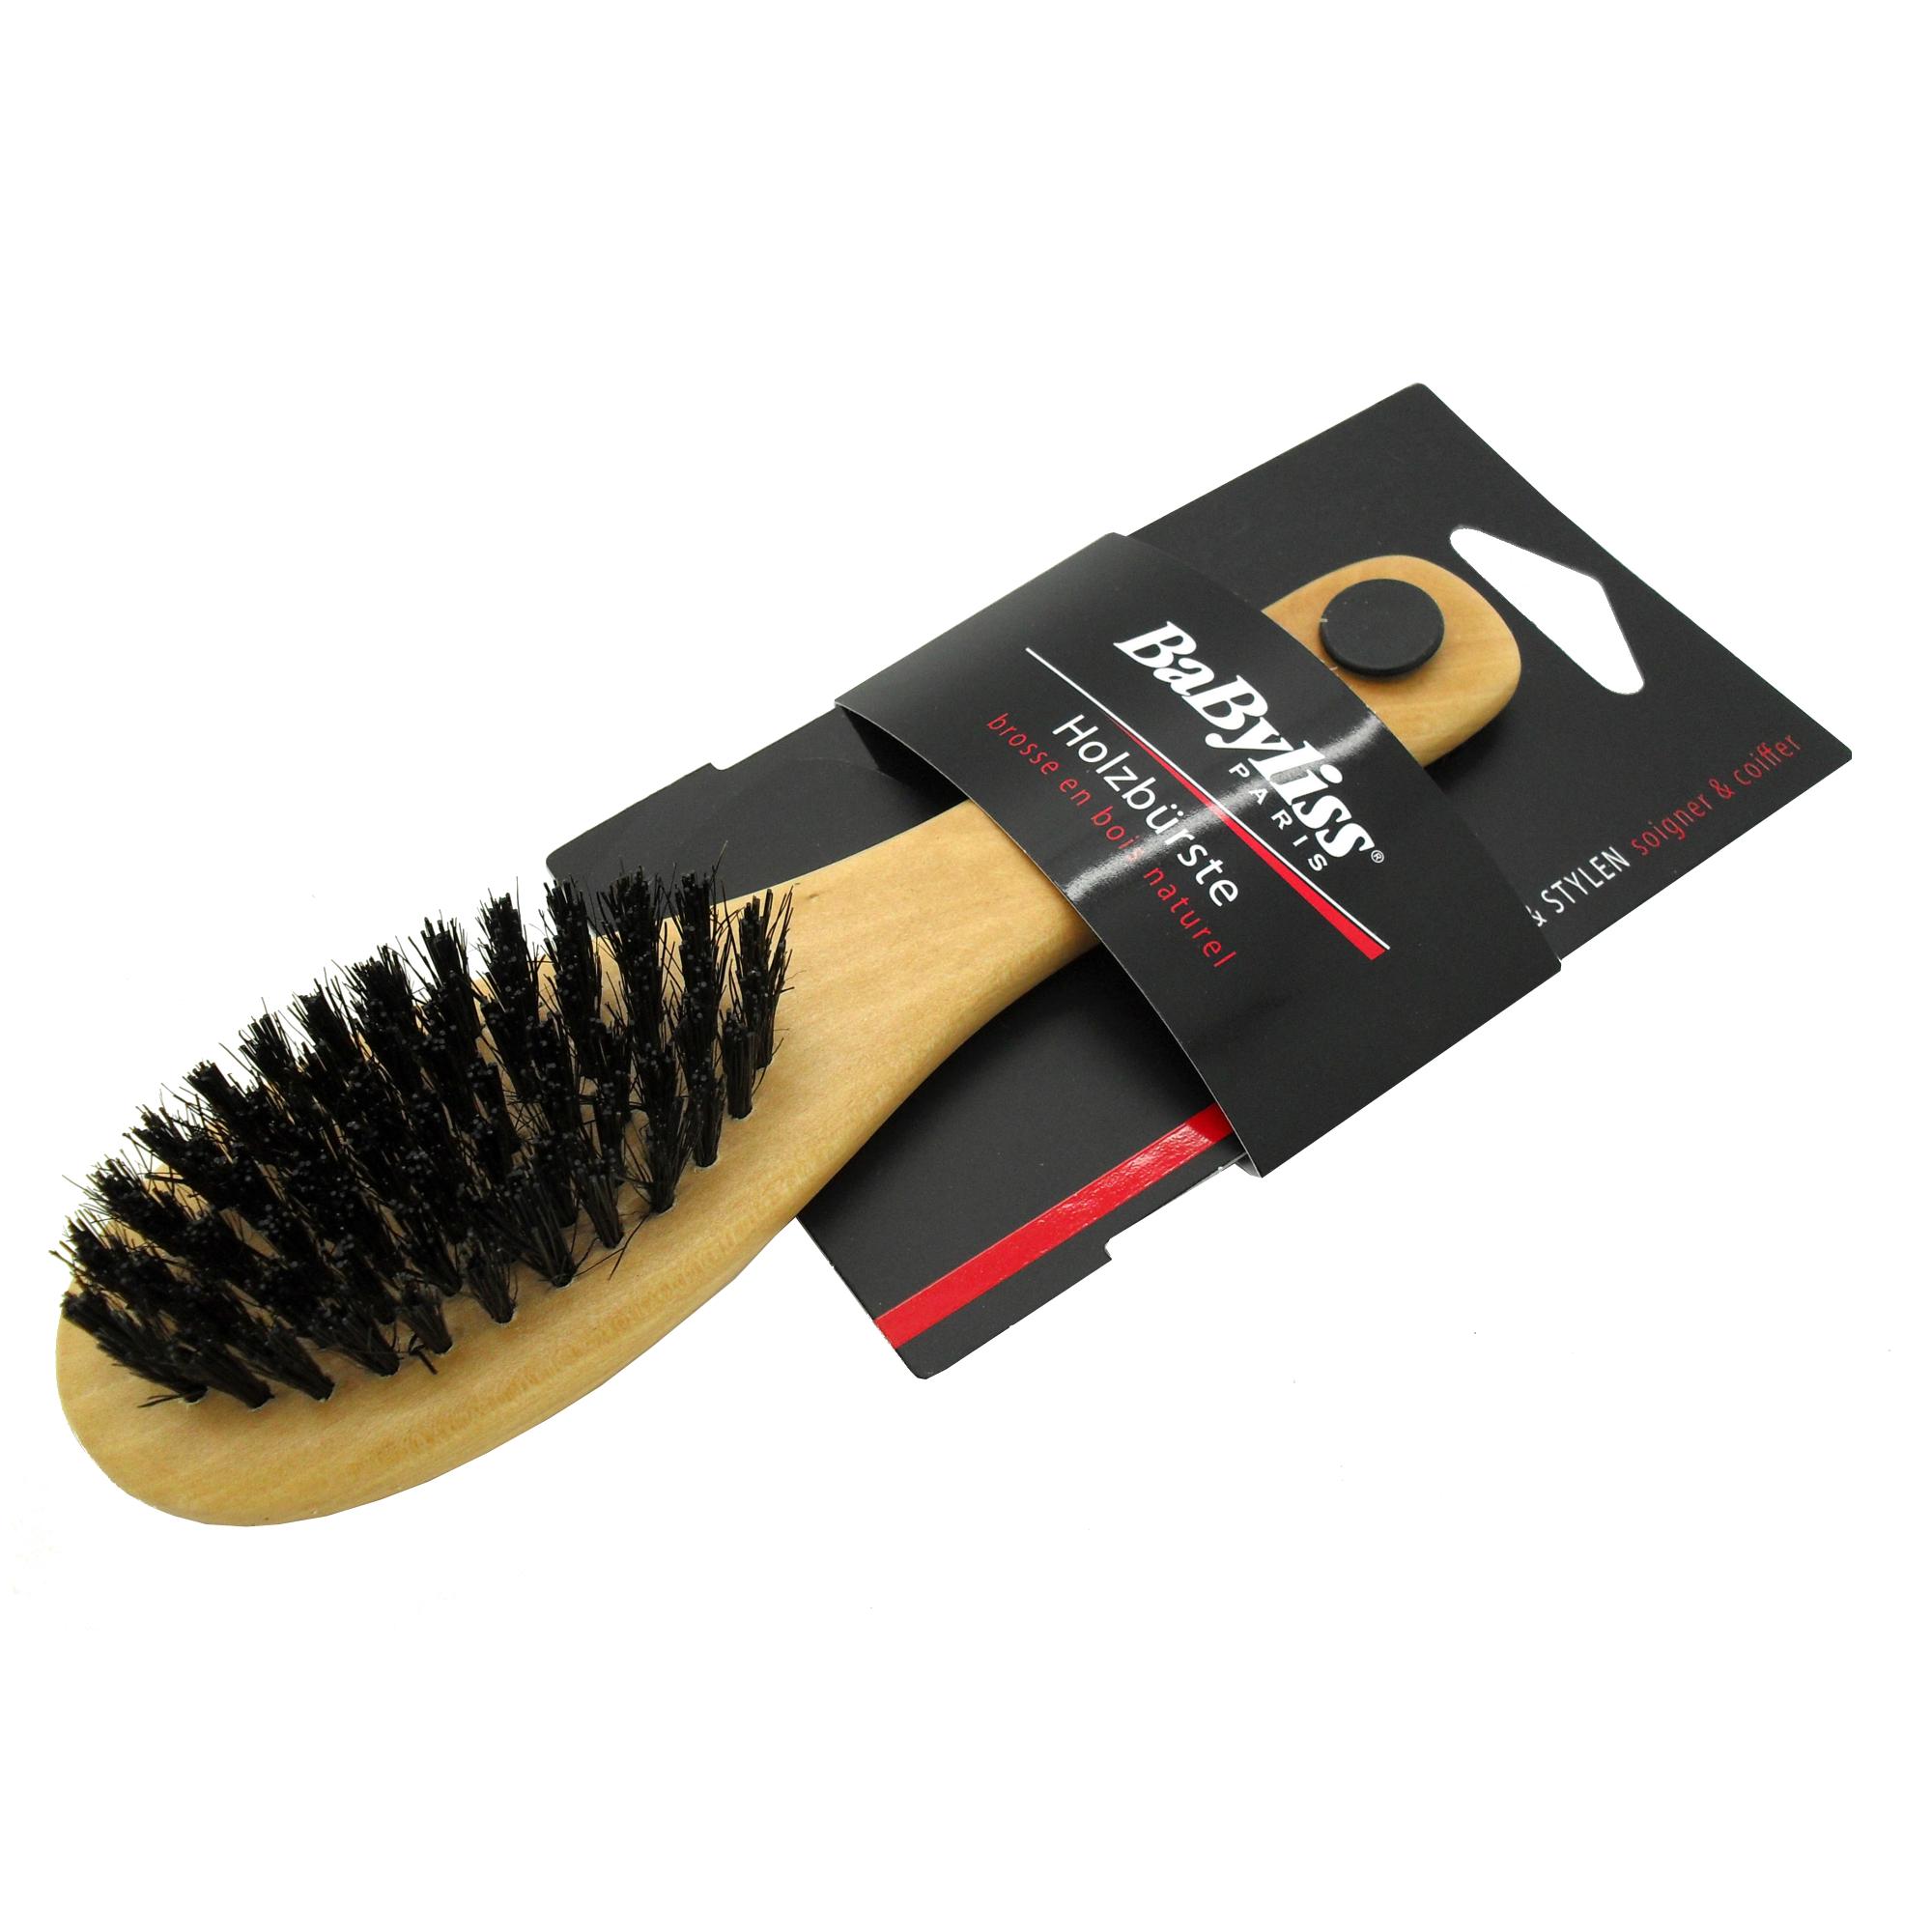 Babyliss Various Massage Hair Brushes For Women Ladies Men